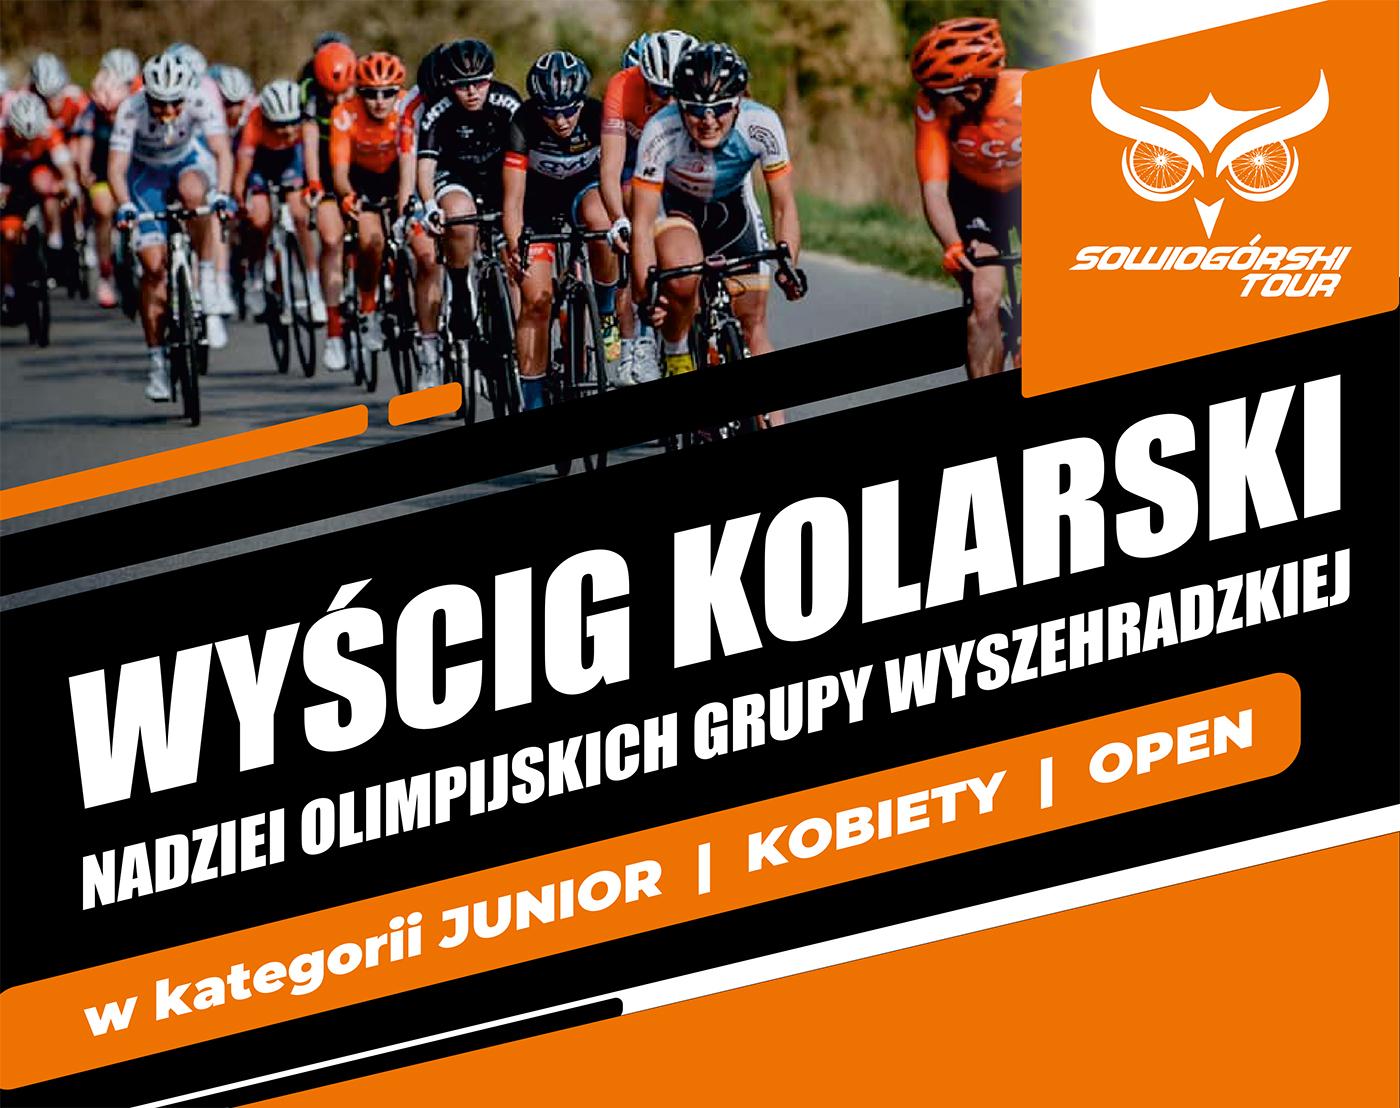 Sowiogórski Tour rusza 13 sierpnia